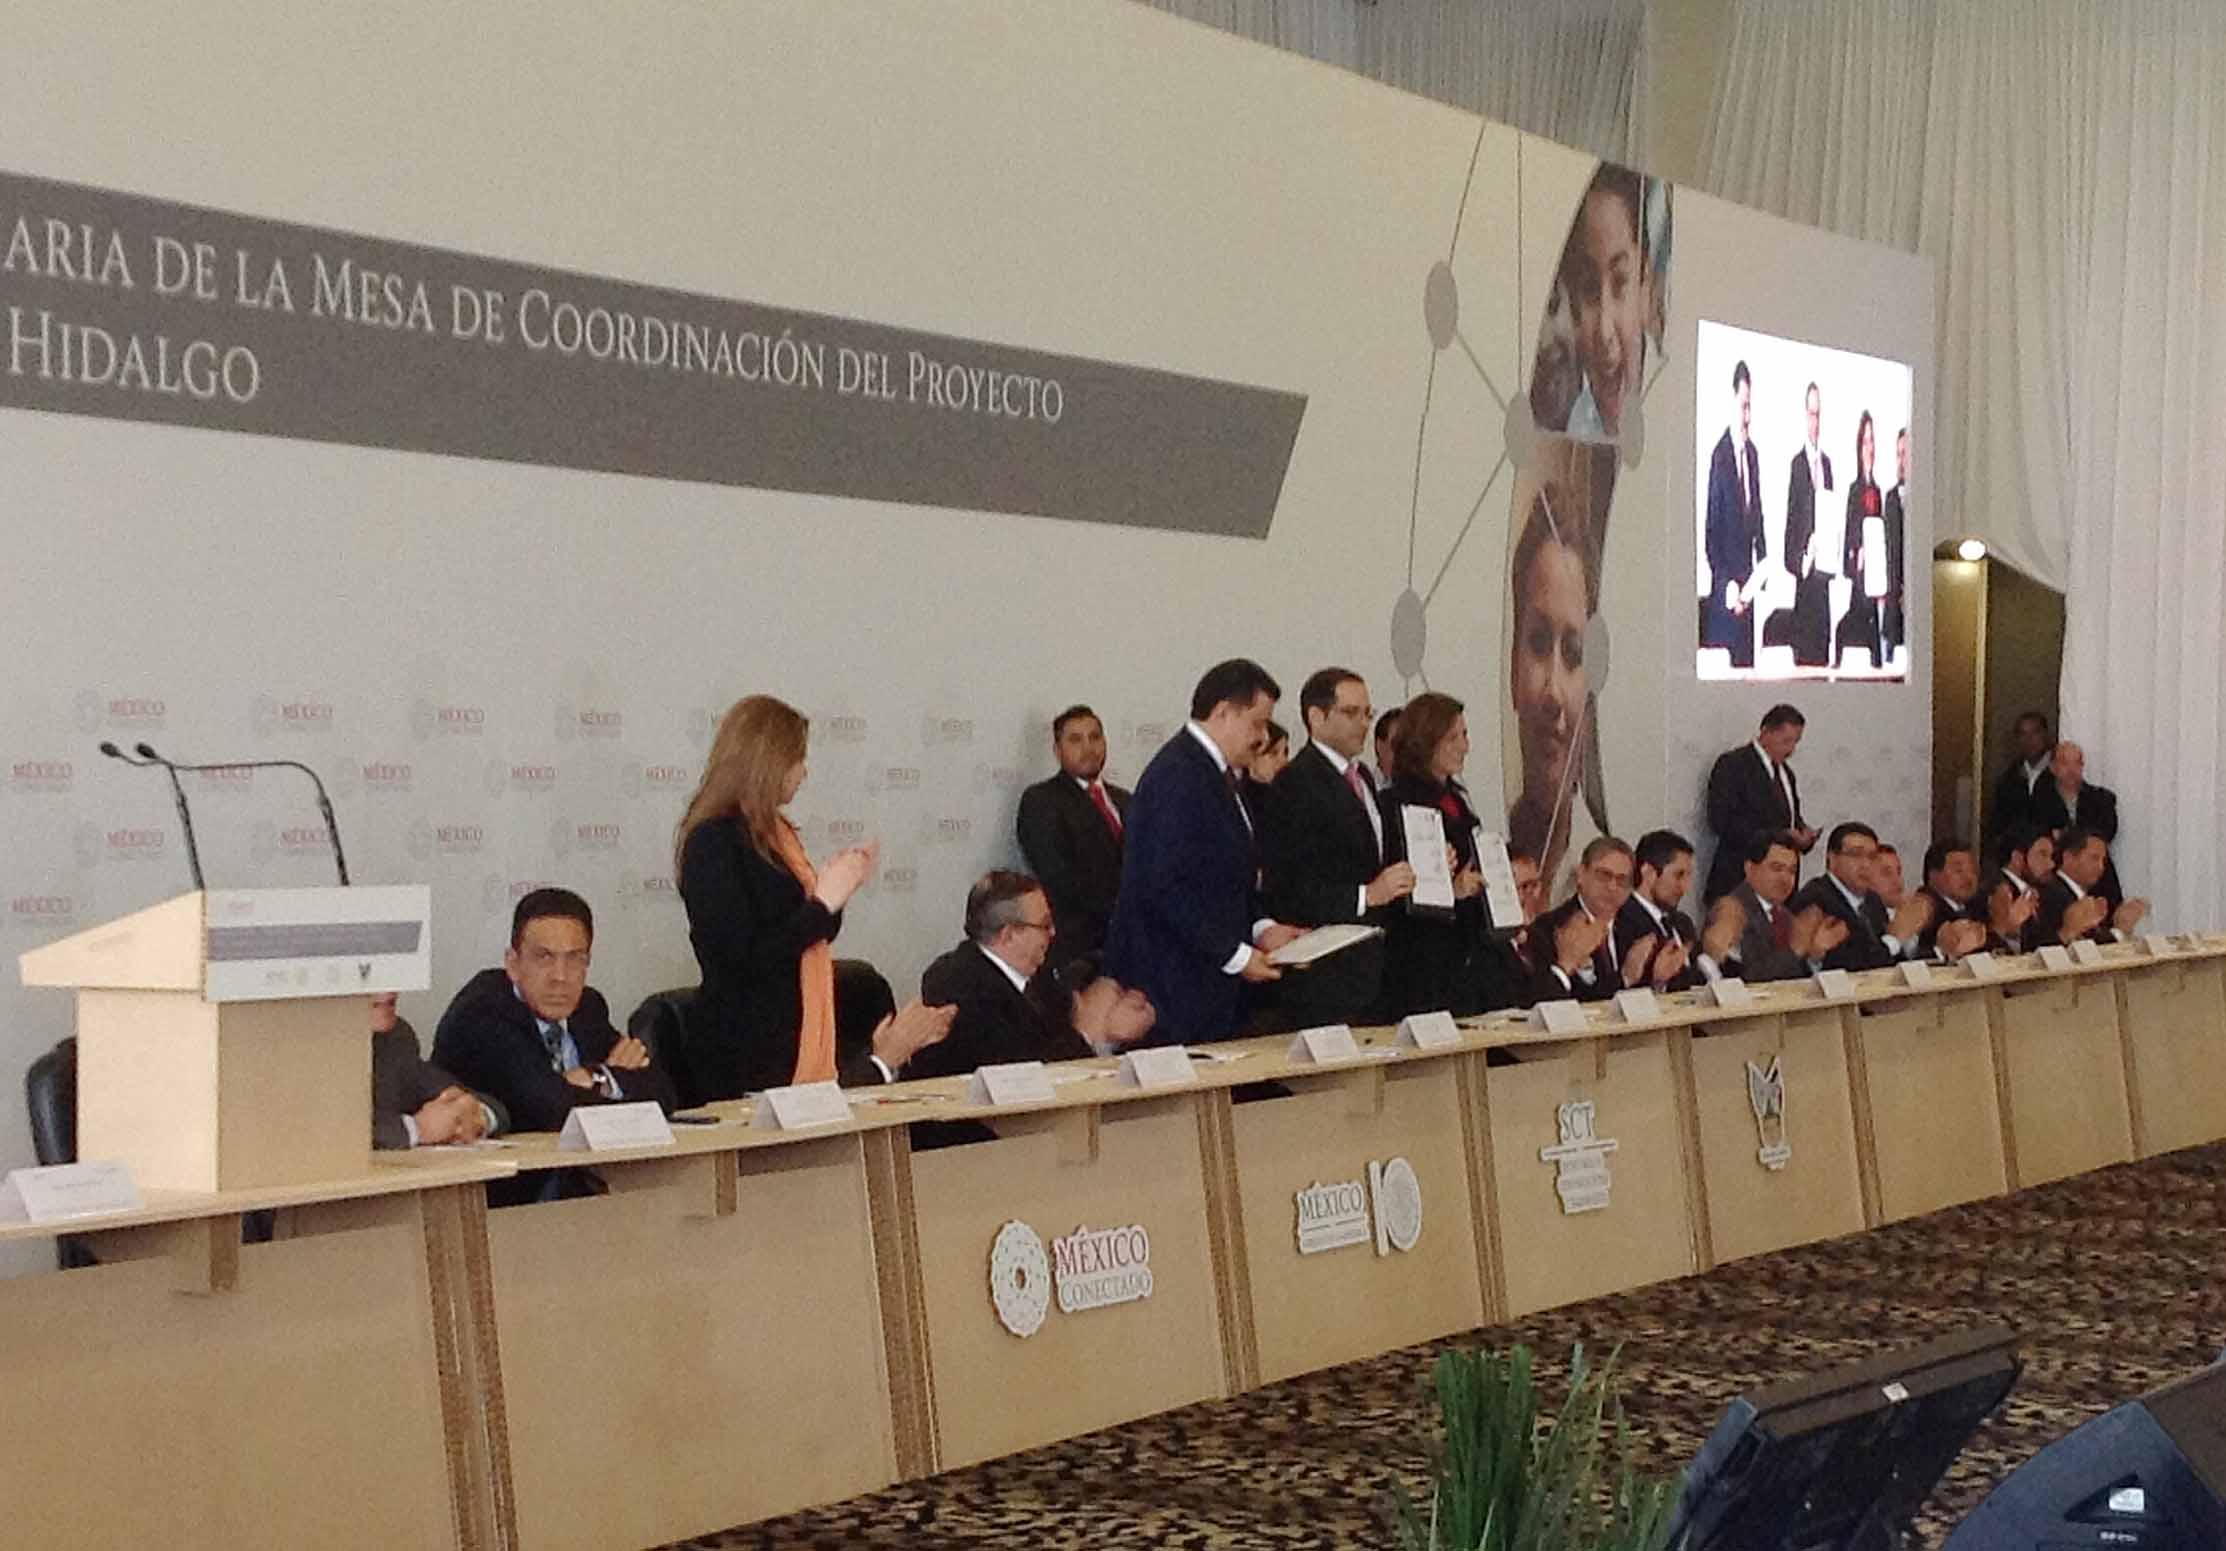 Internet de banda ancha para sitios públicos de Hidalgo con México Conectado